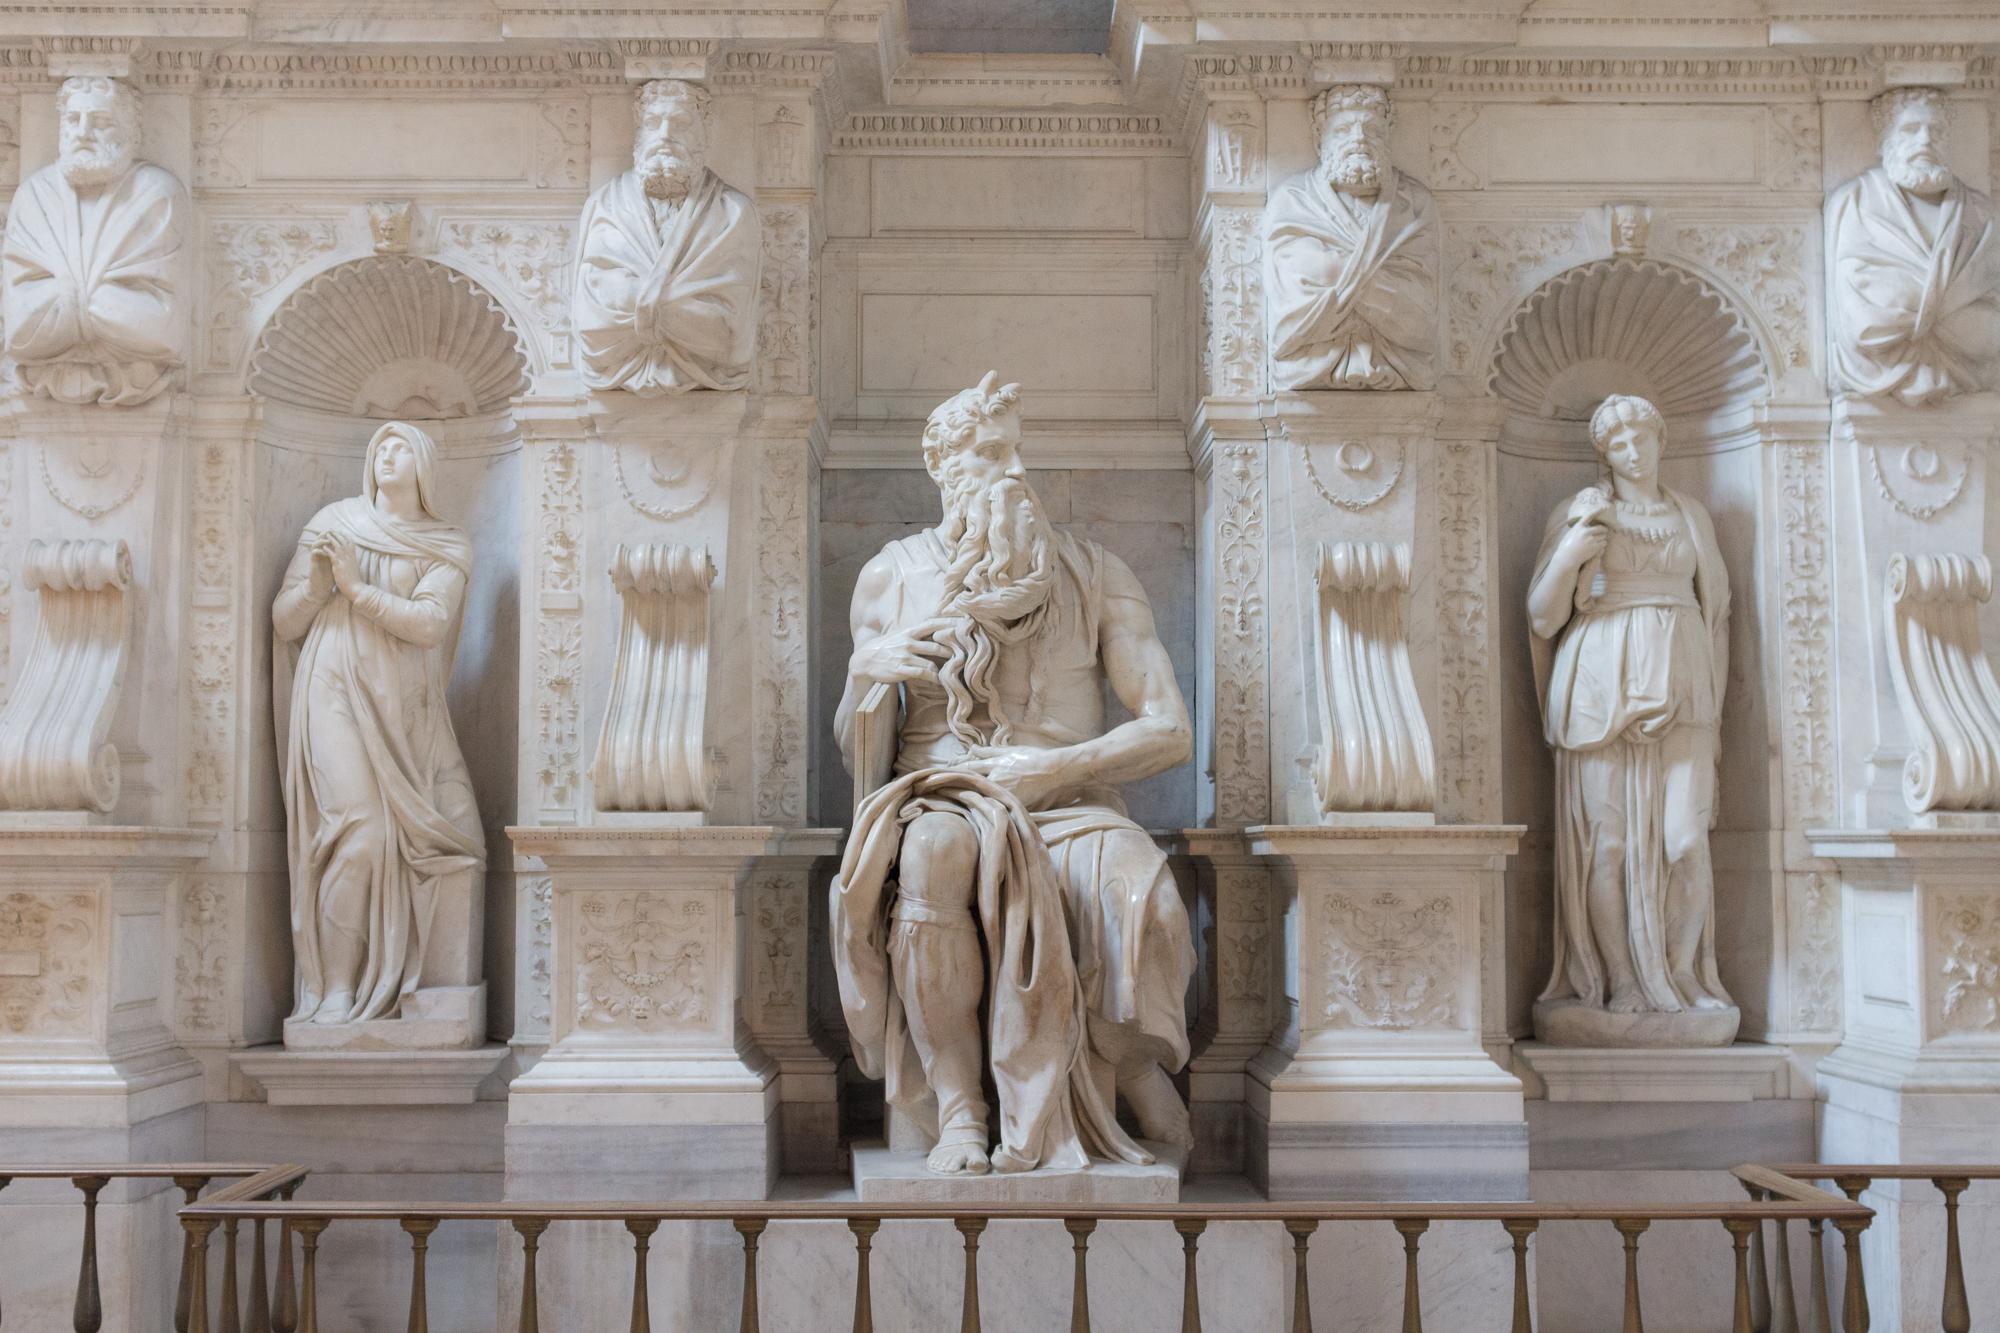 Statue de marbre de Moïse, Basilique Saint Pierre aux liens, Rome, Italie